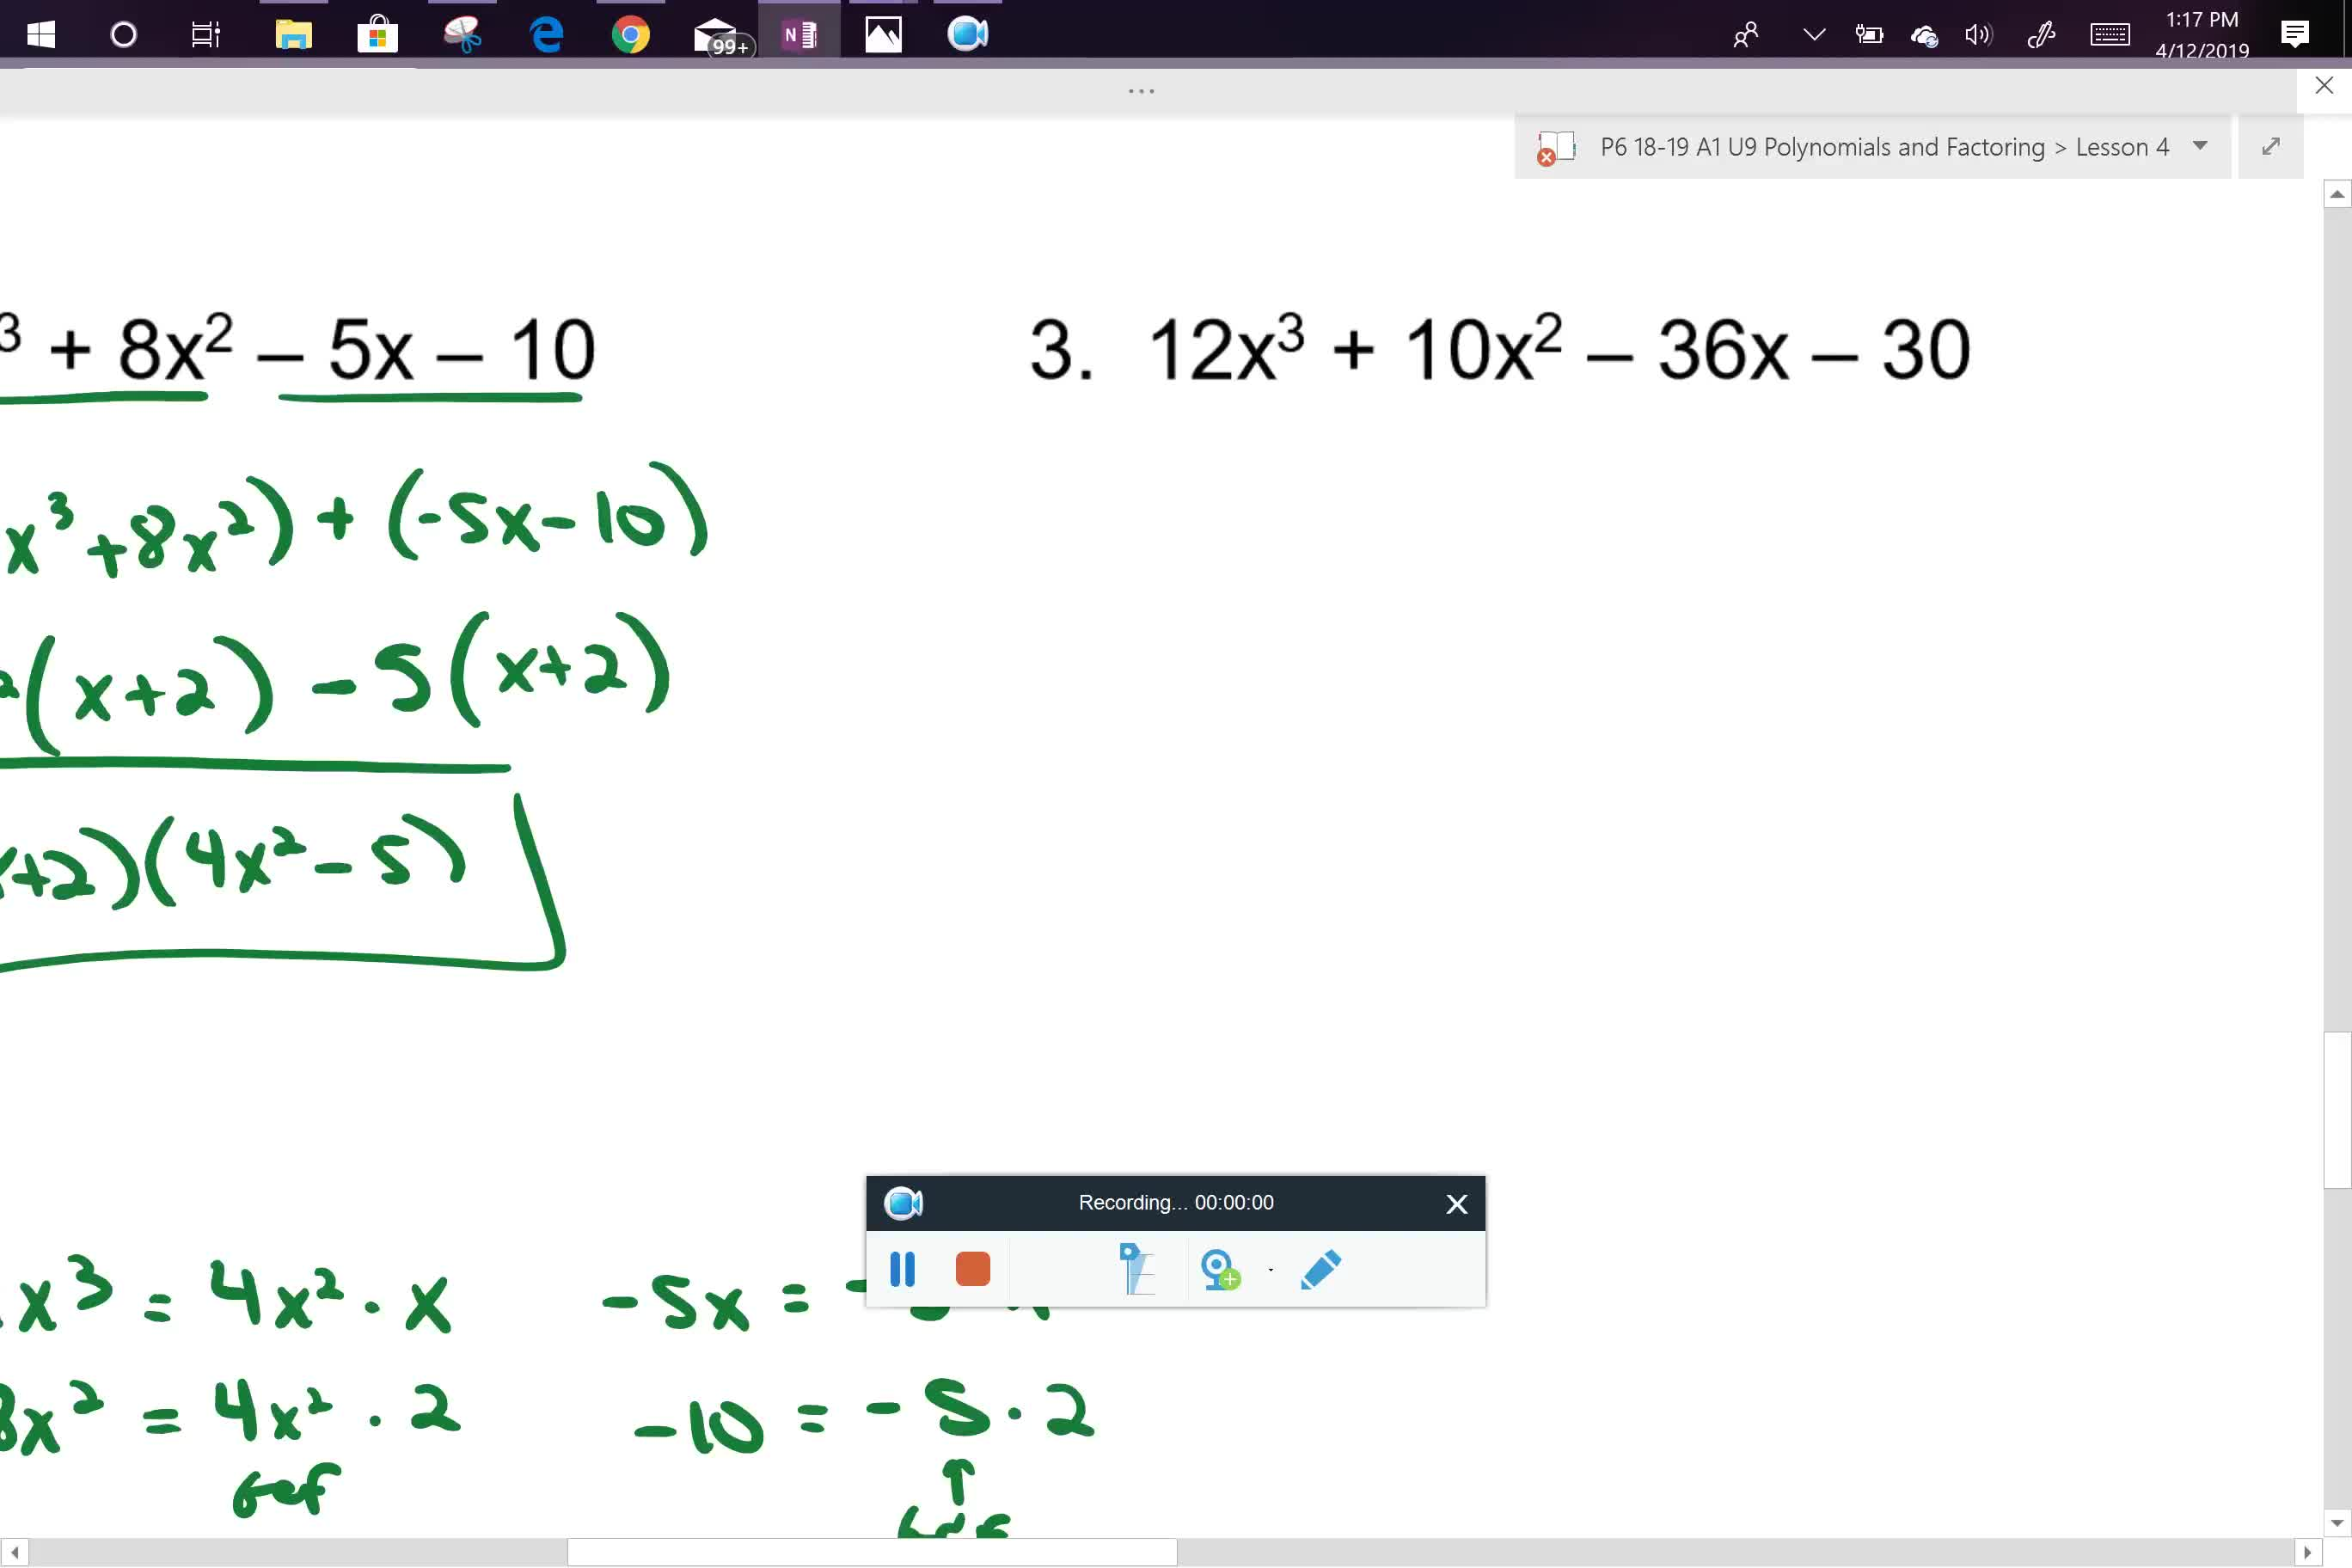 A1 U9L4 problem 3